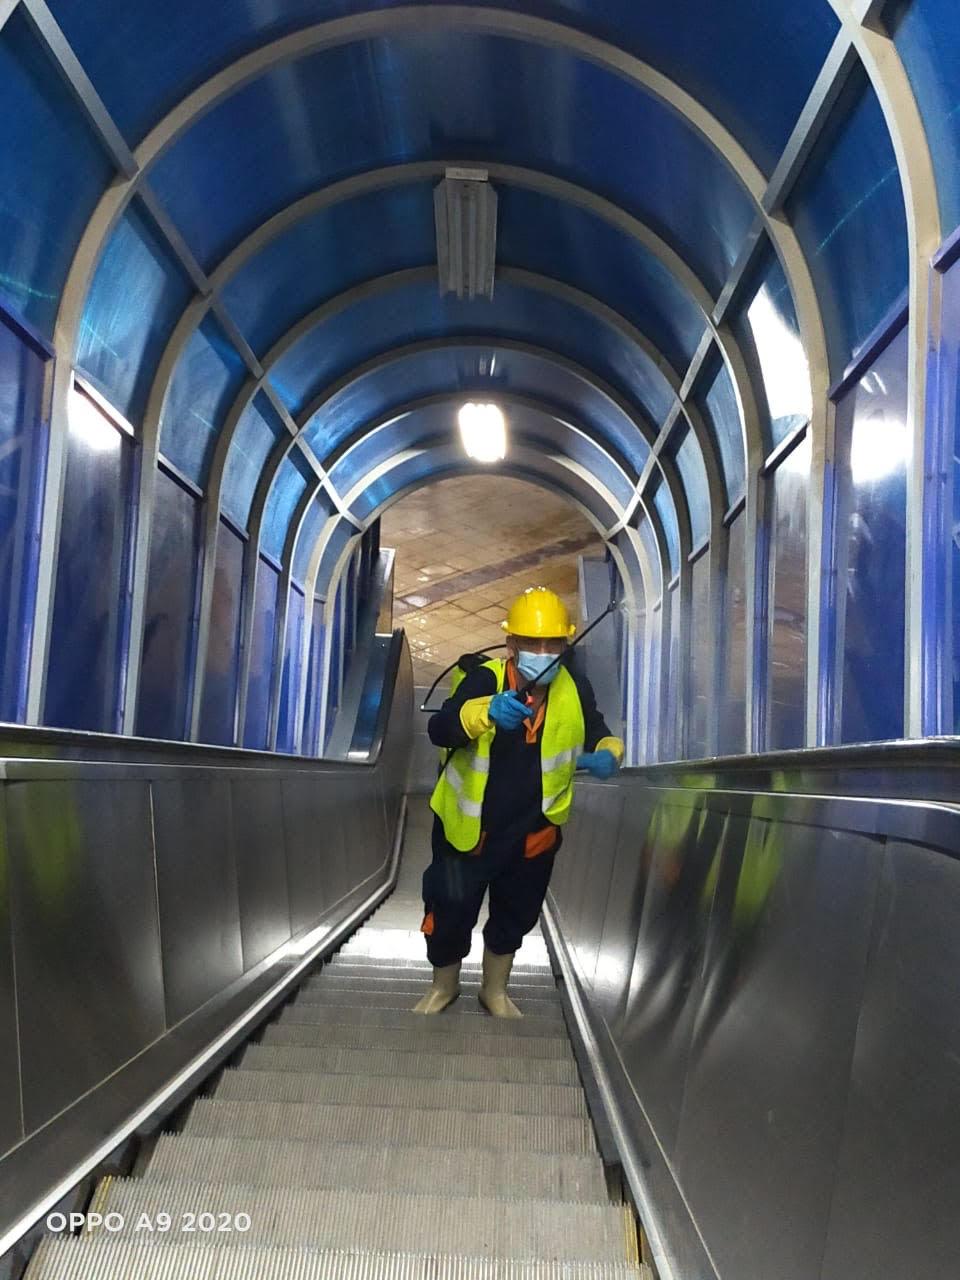 المترو يواصل أعمال تعقيم وتطهير القطارات والمحطات ضد كورونا (24)